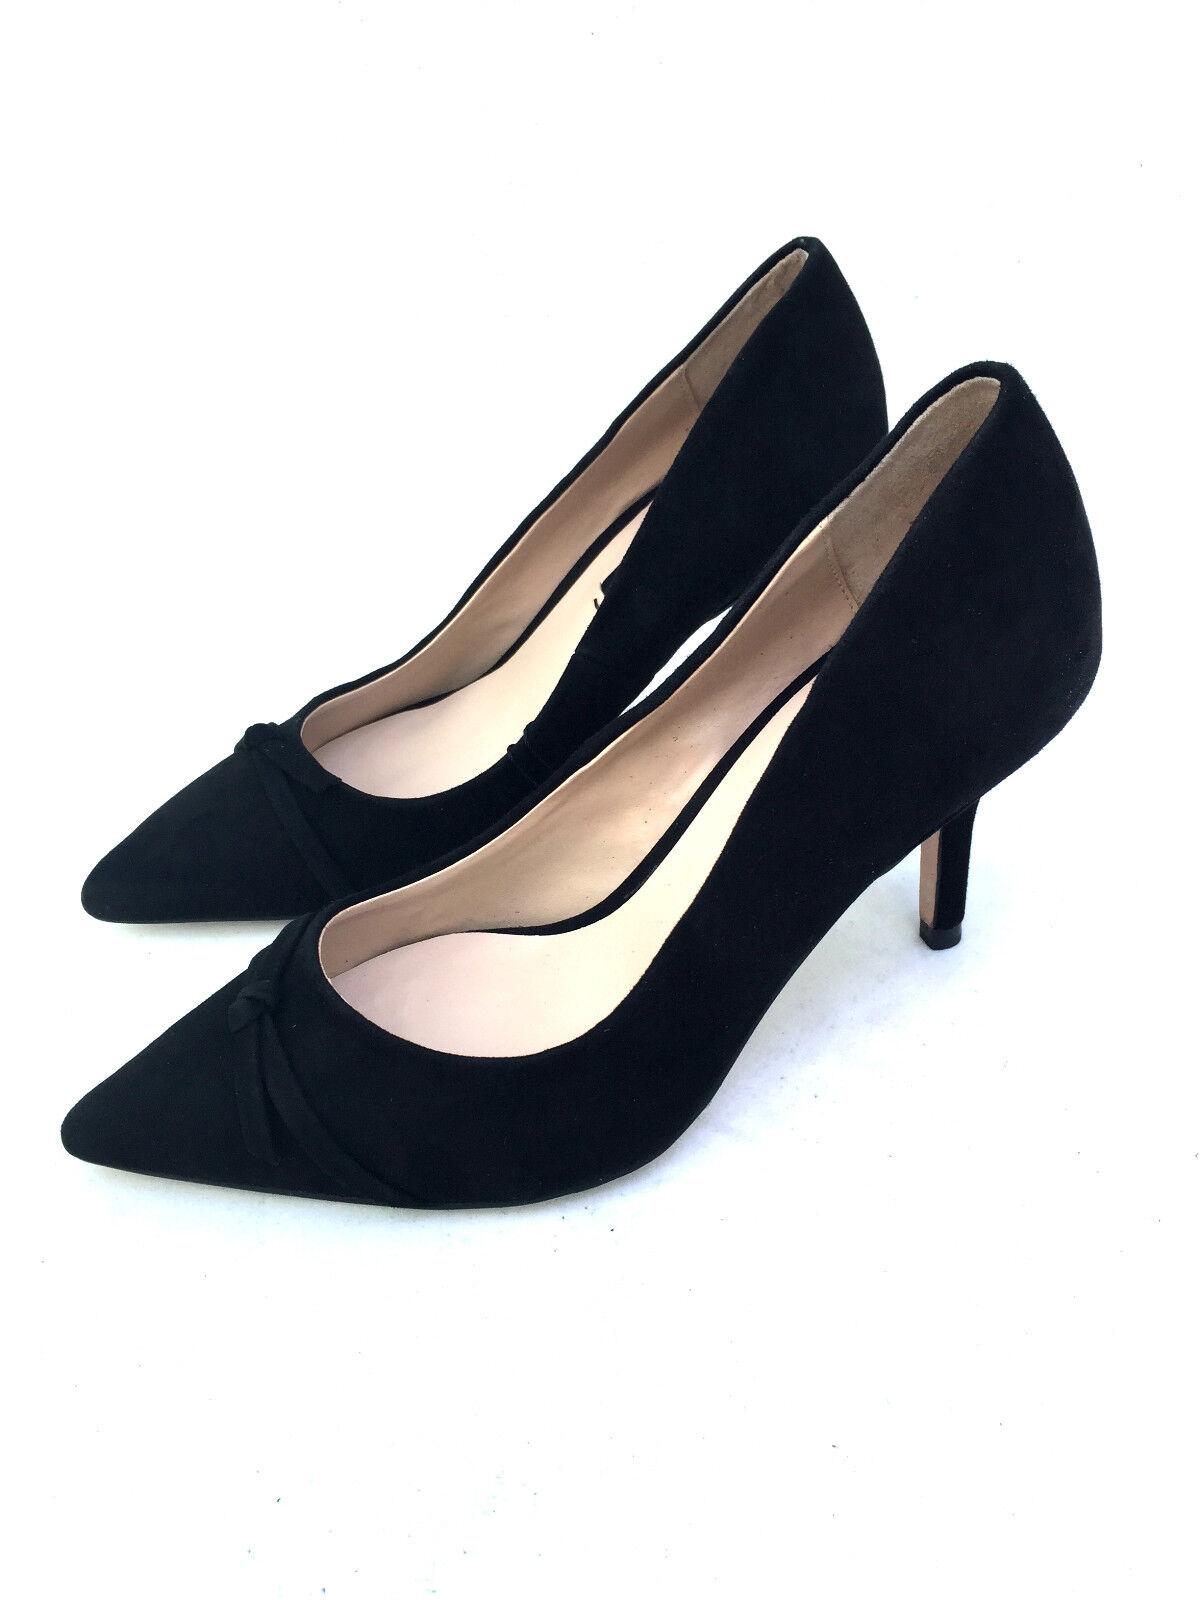 Zara Pelle GATTINO TACCO Corte scarpe a a a punta taglia uk3/eur36/us6 52f685